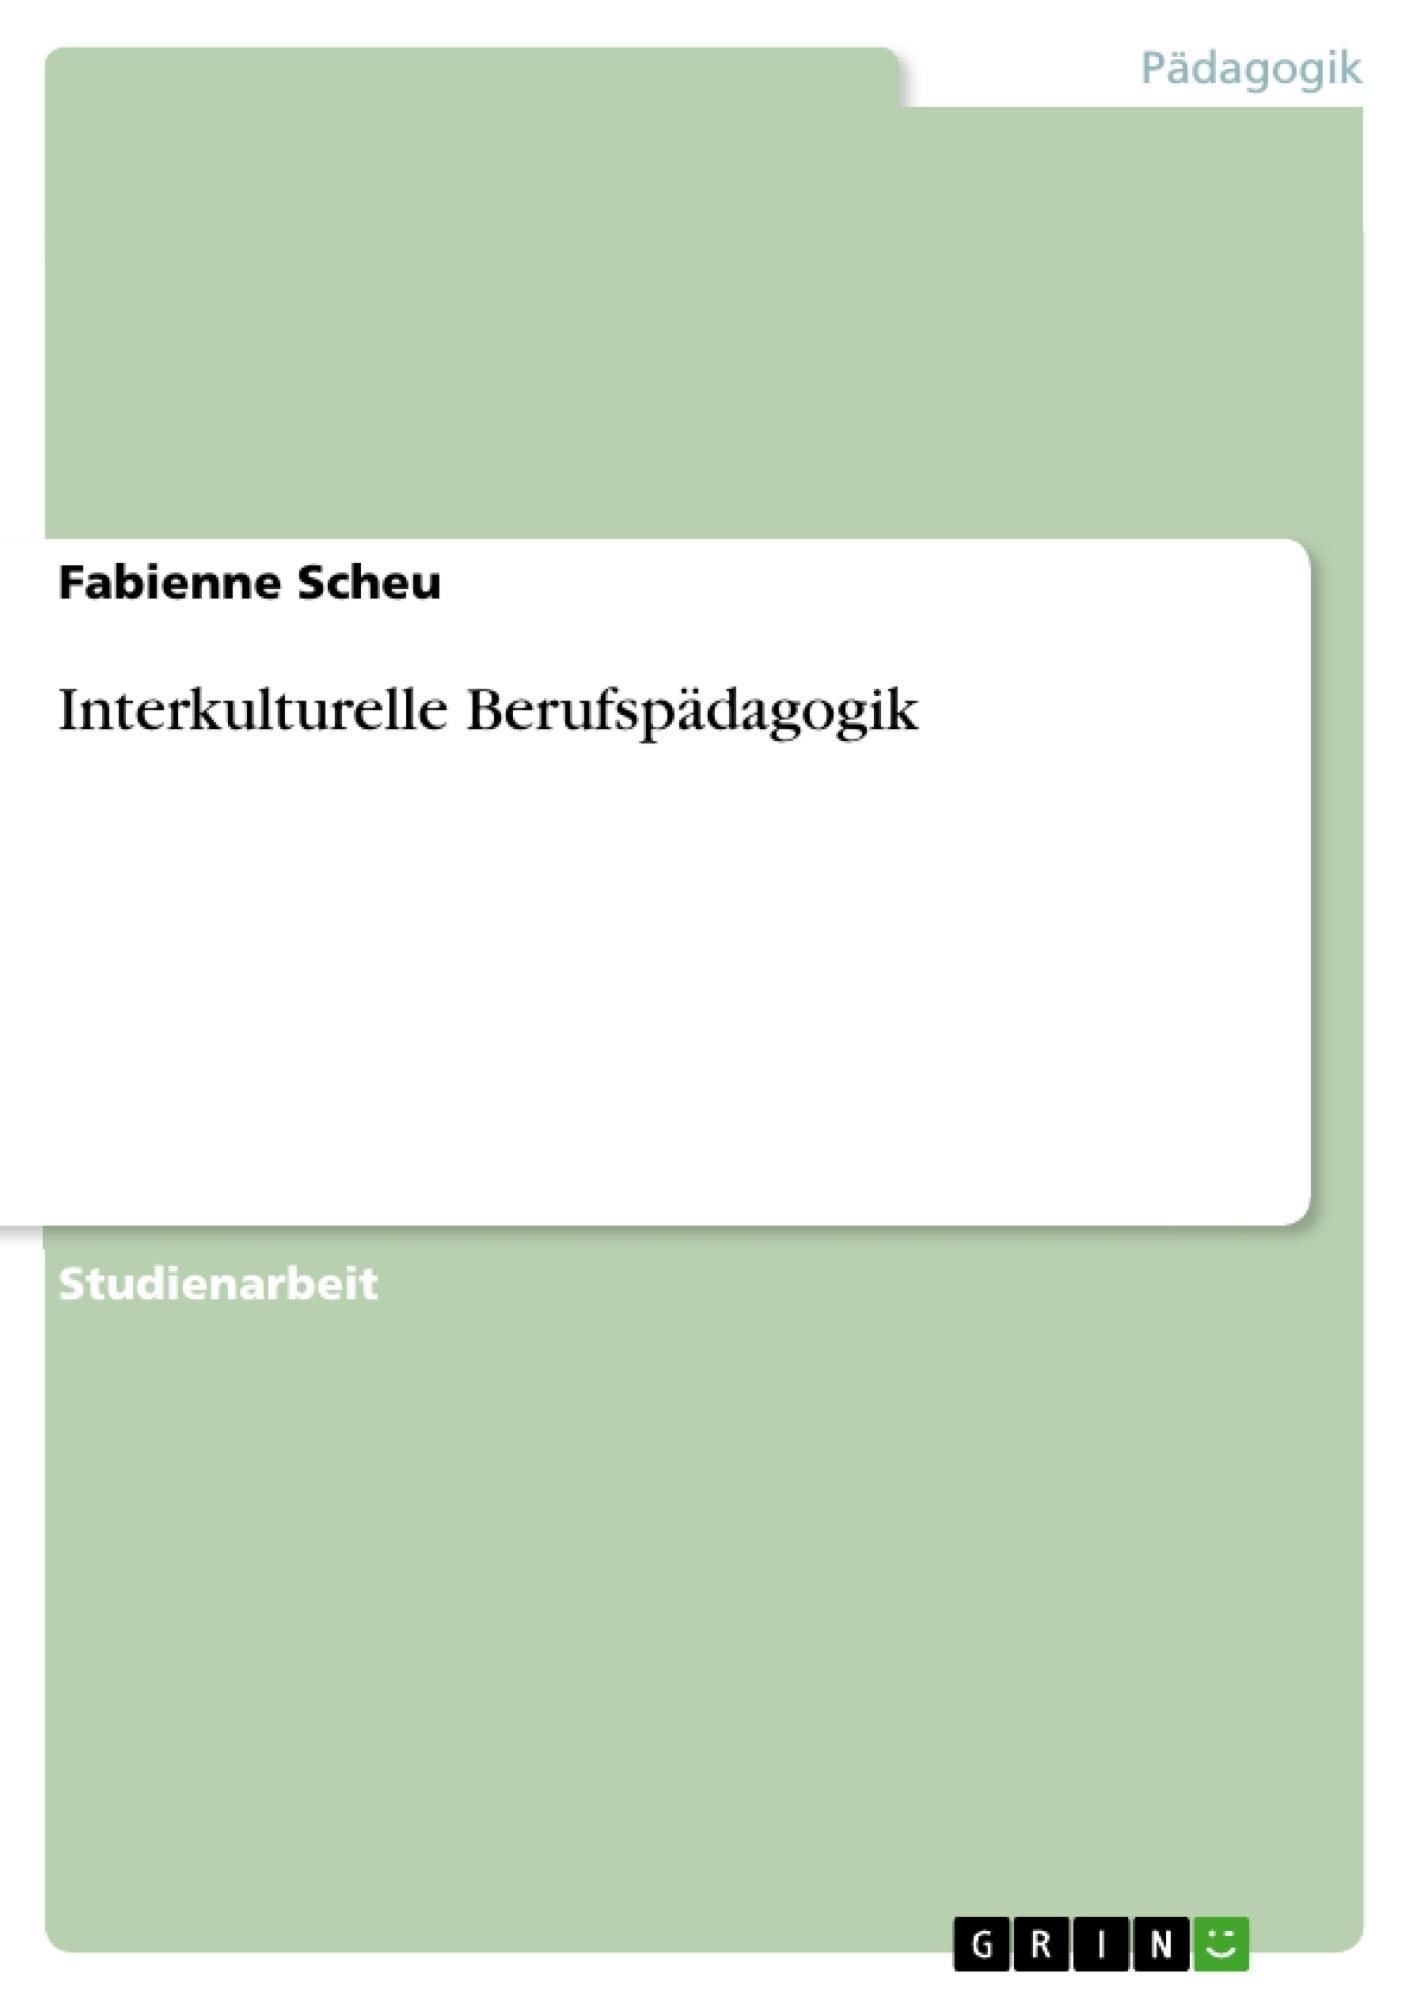 Titel: Interkulturelle Berufspädagogik